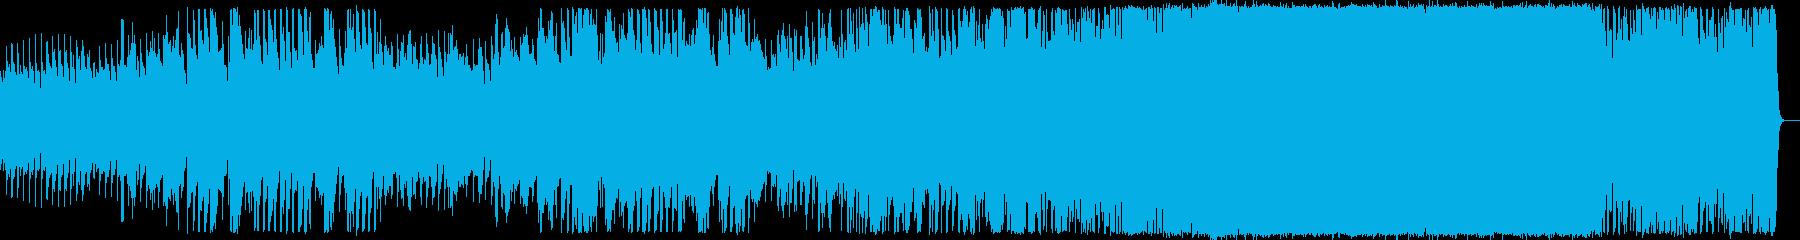 星や月がイメージのCMに合うバラードの再生済みの波形